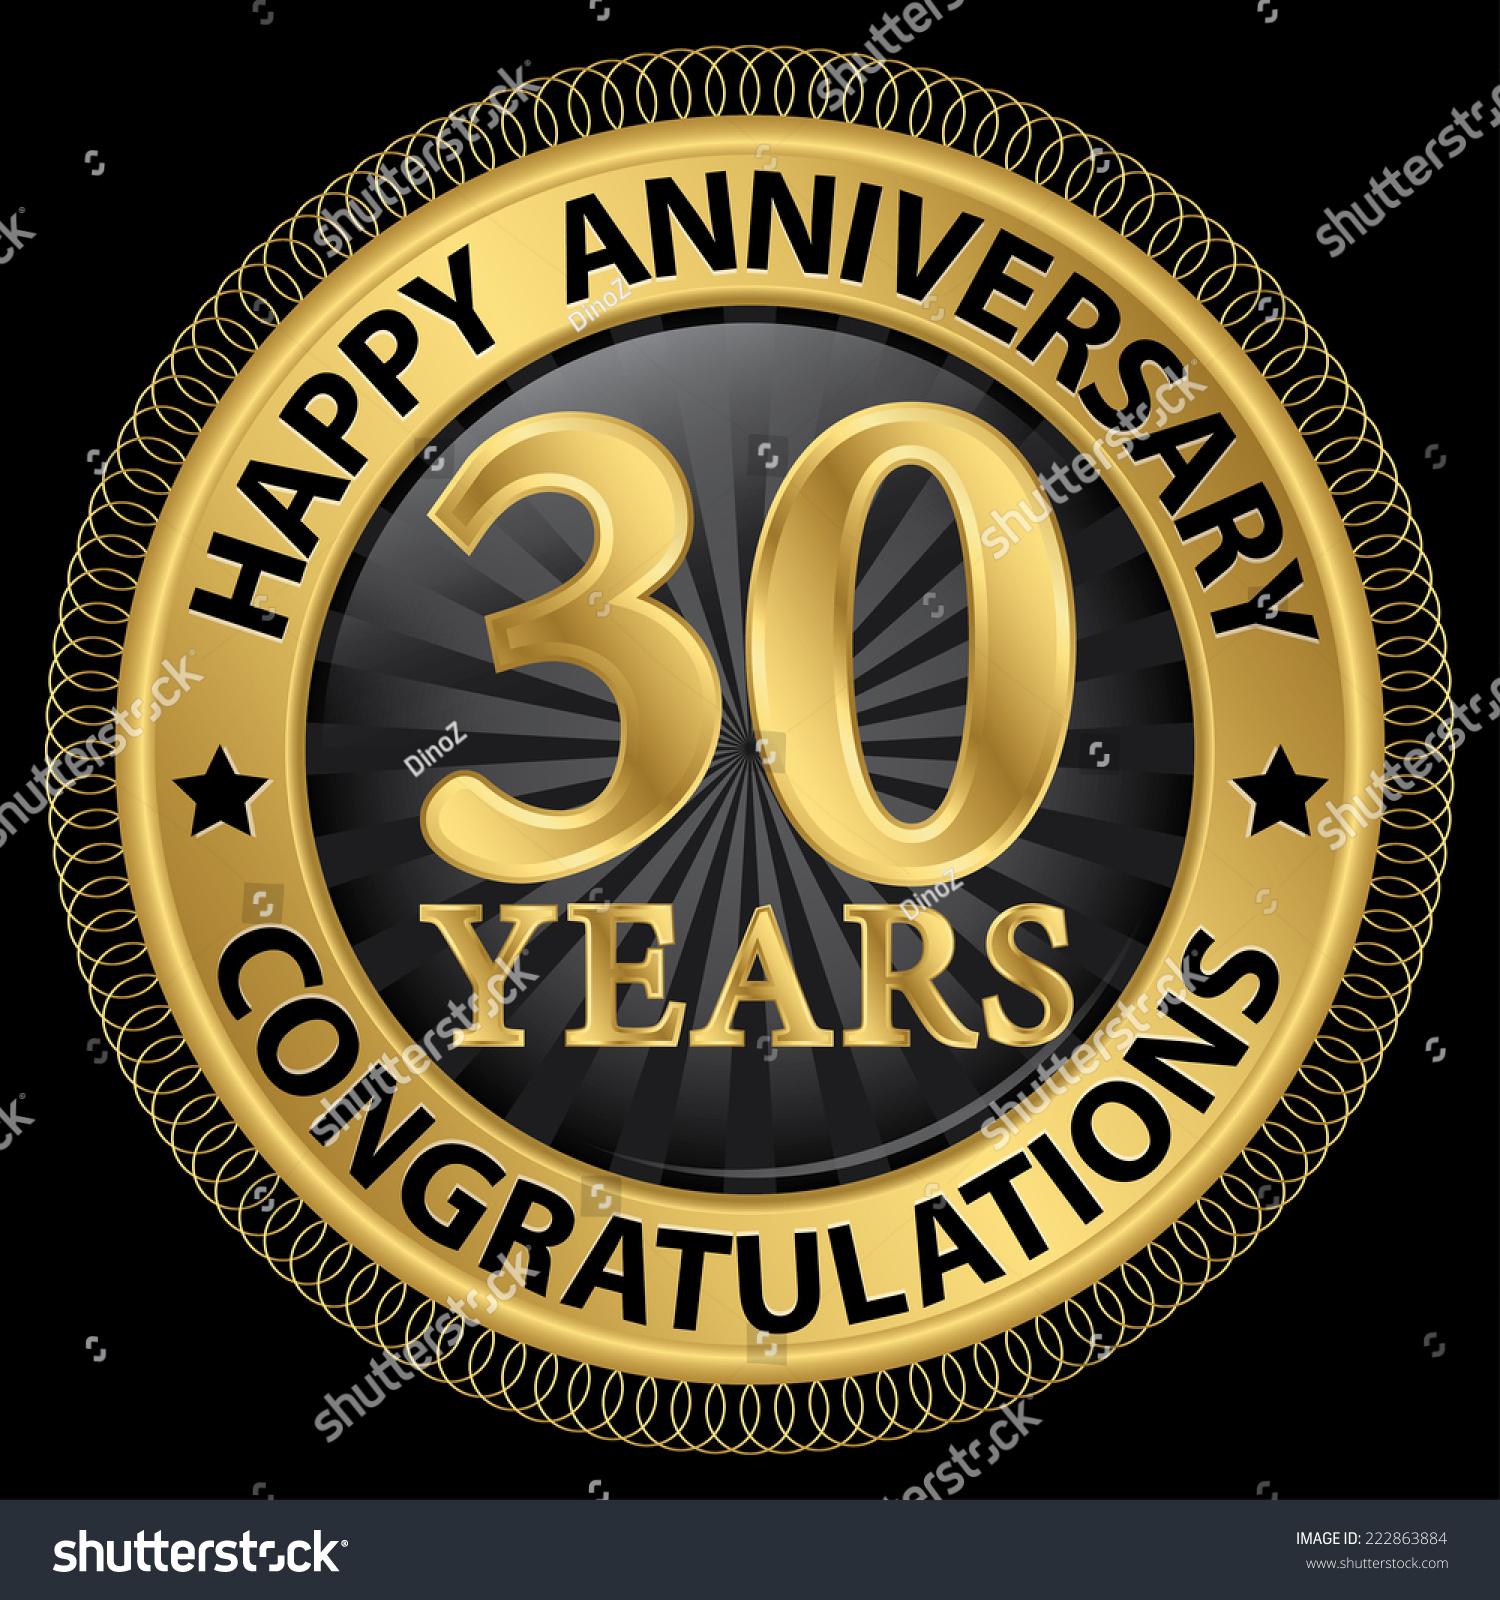 Years wedding anniversary symbol 30 years wedding anniversary symbol buycottarizona